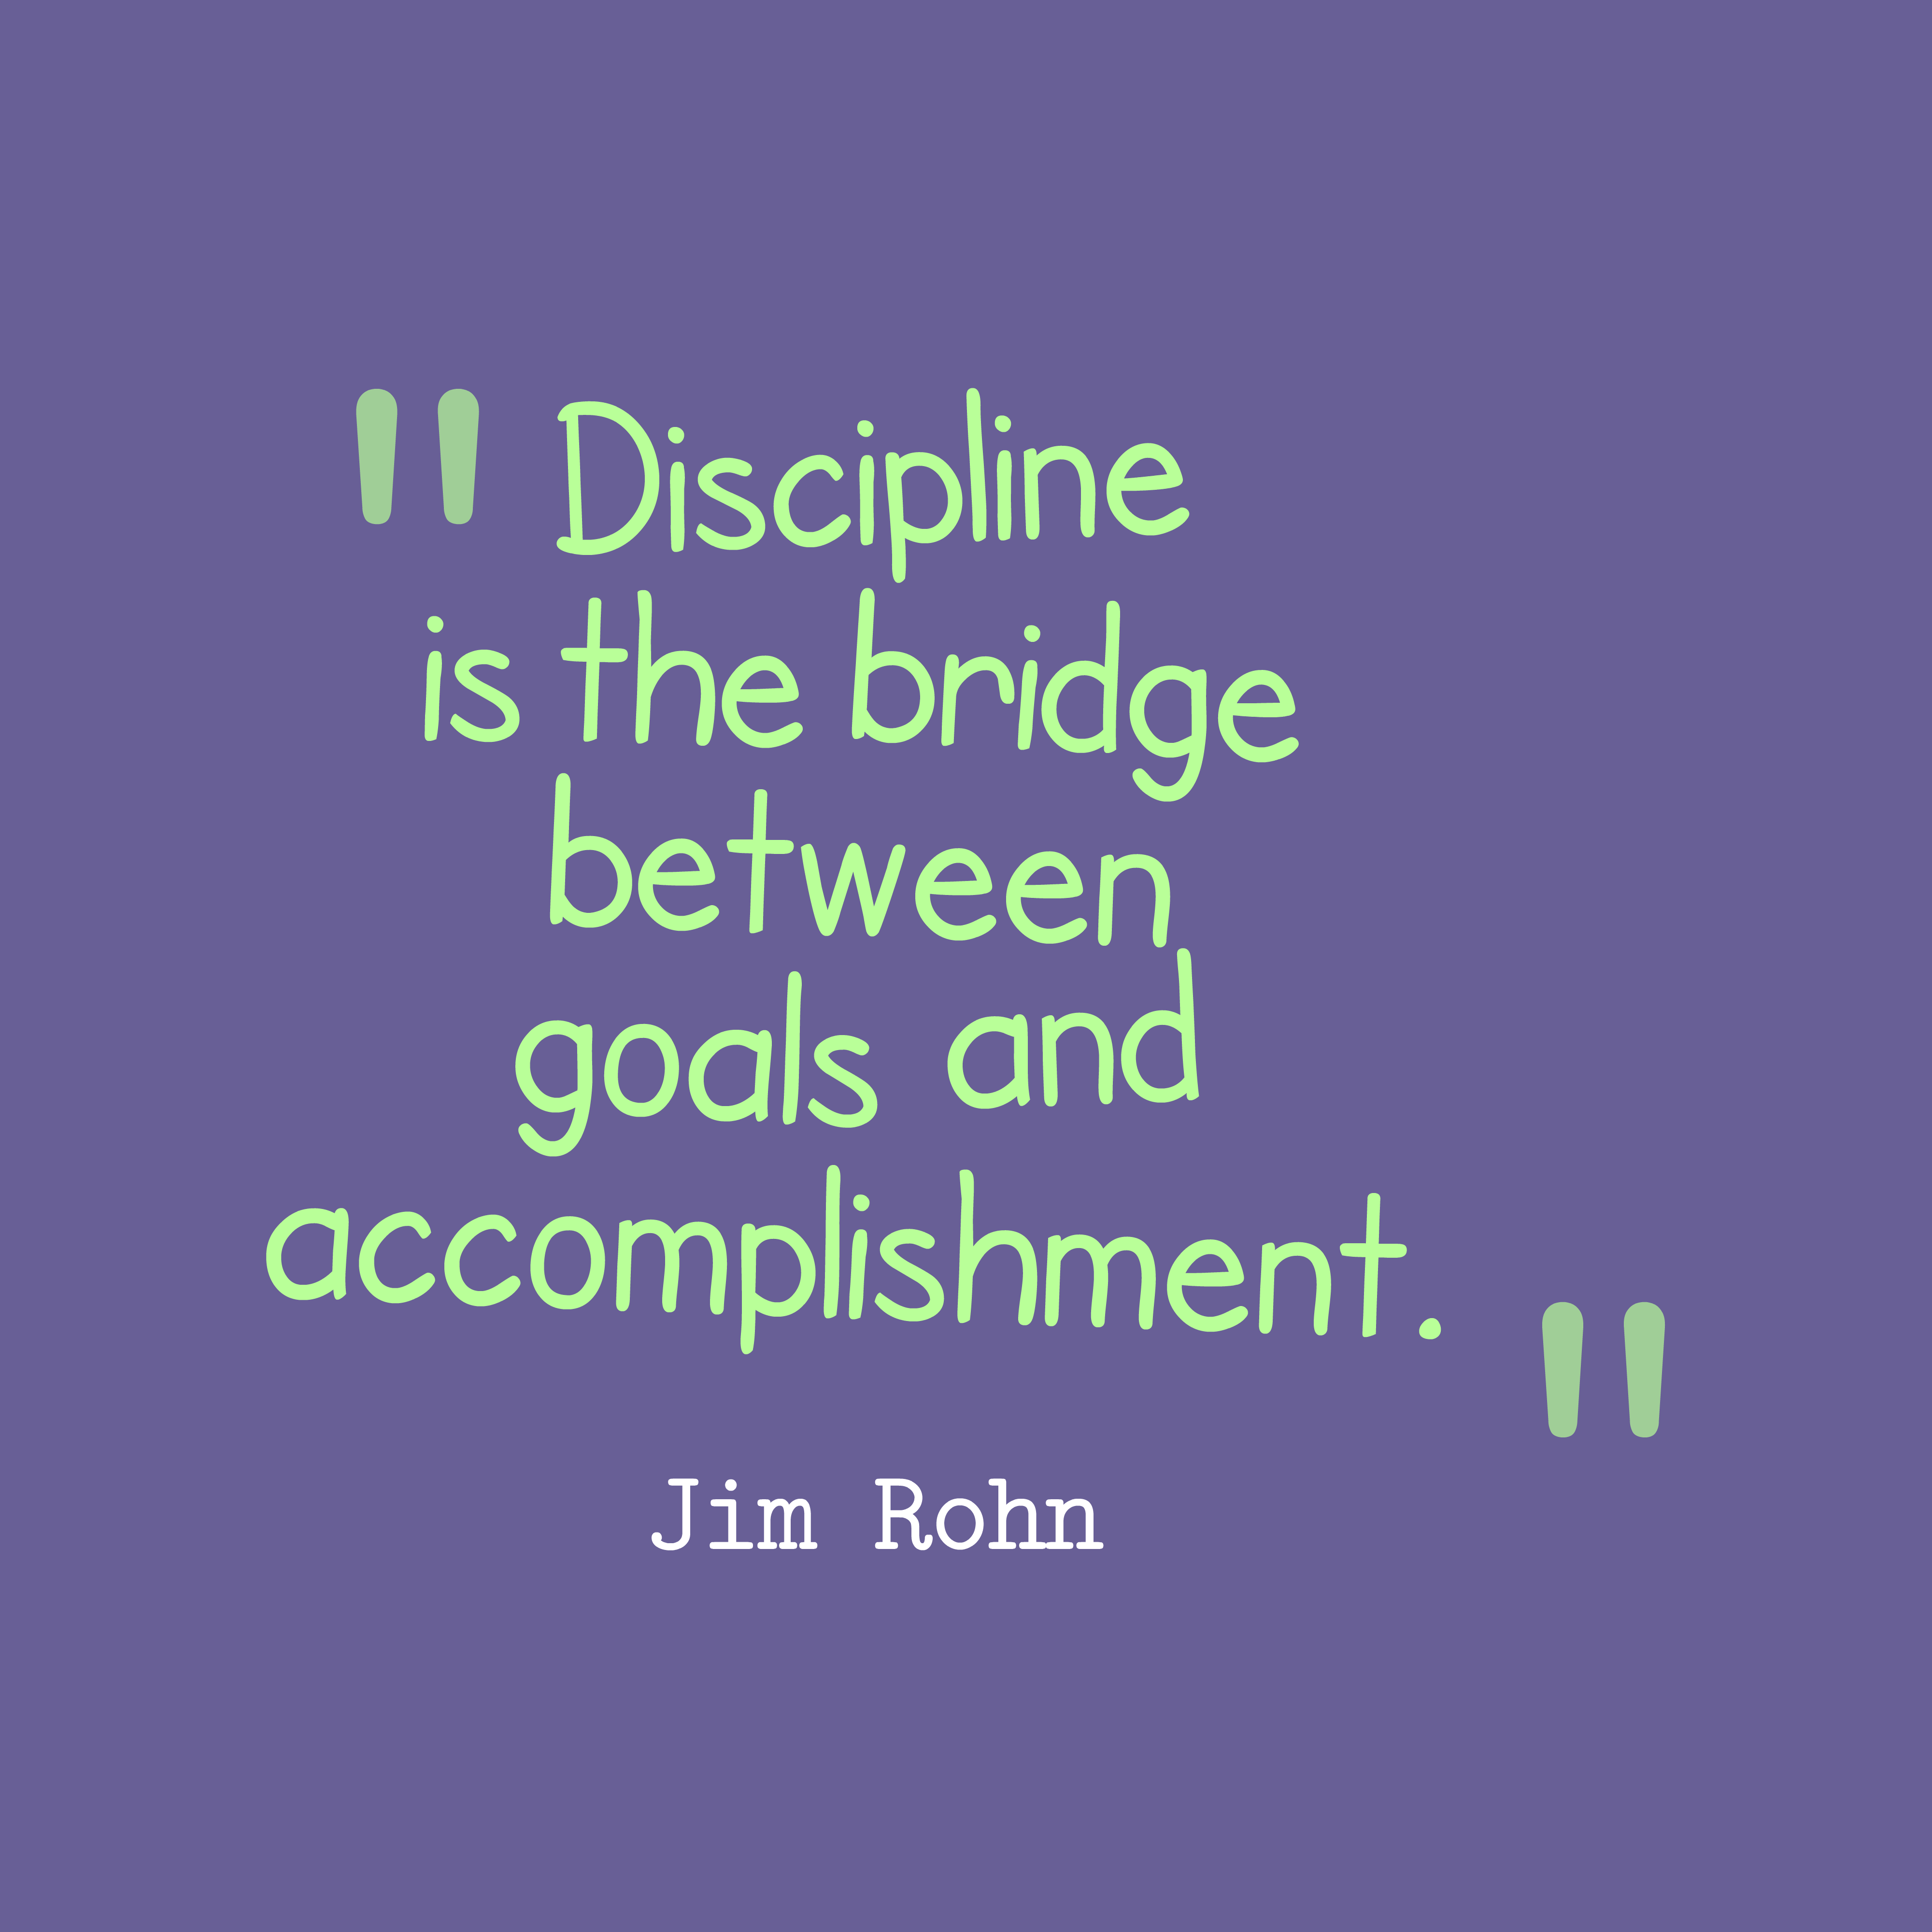 Jim Rohn Discipline Quotes